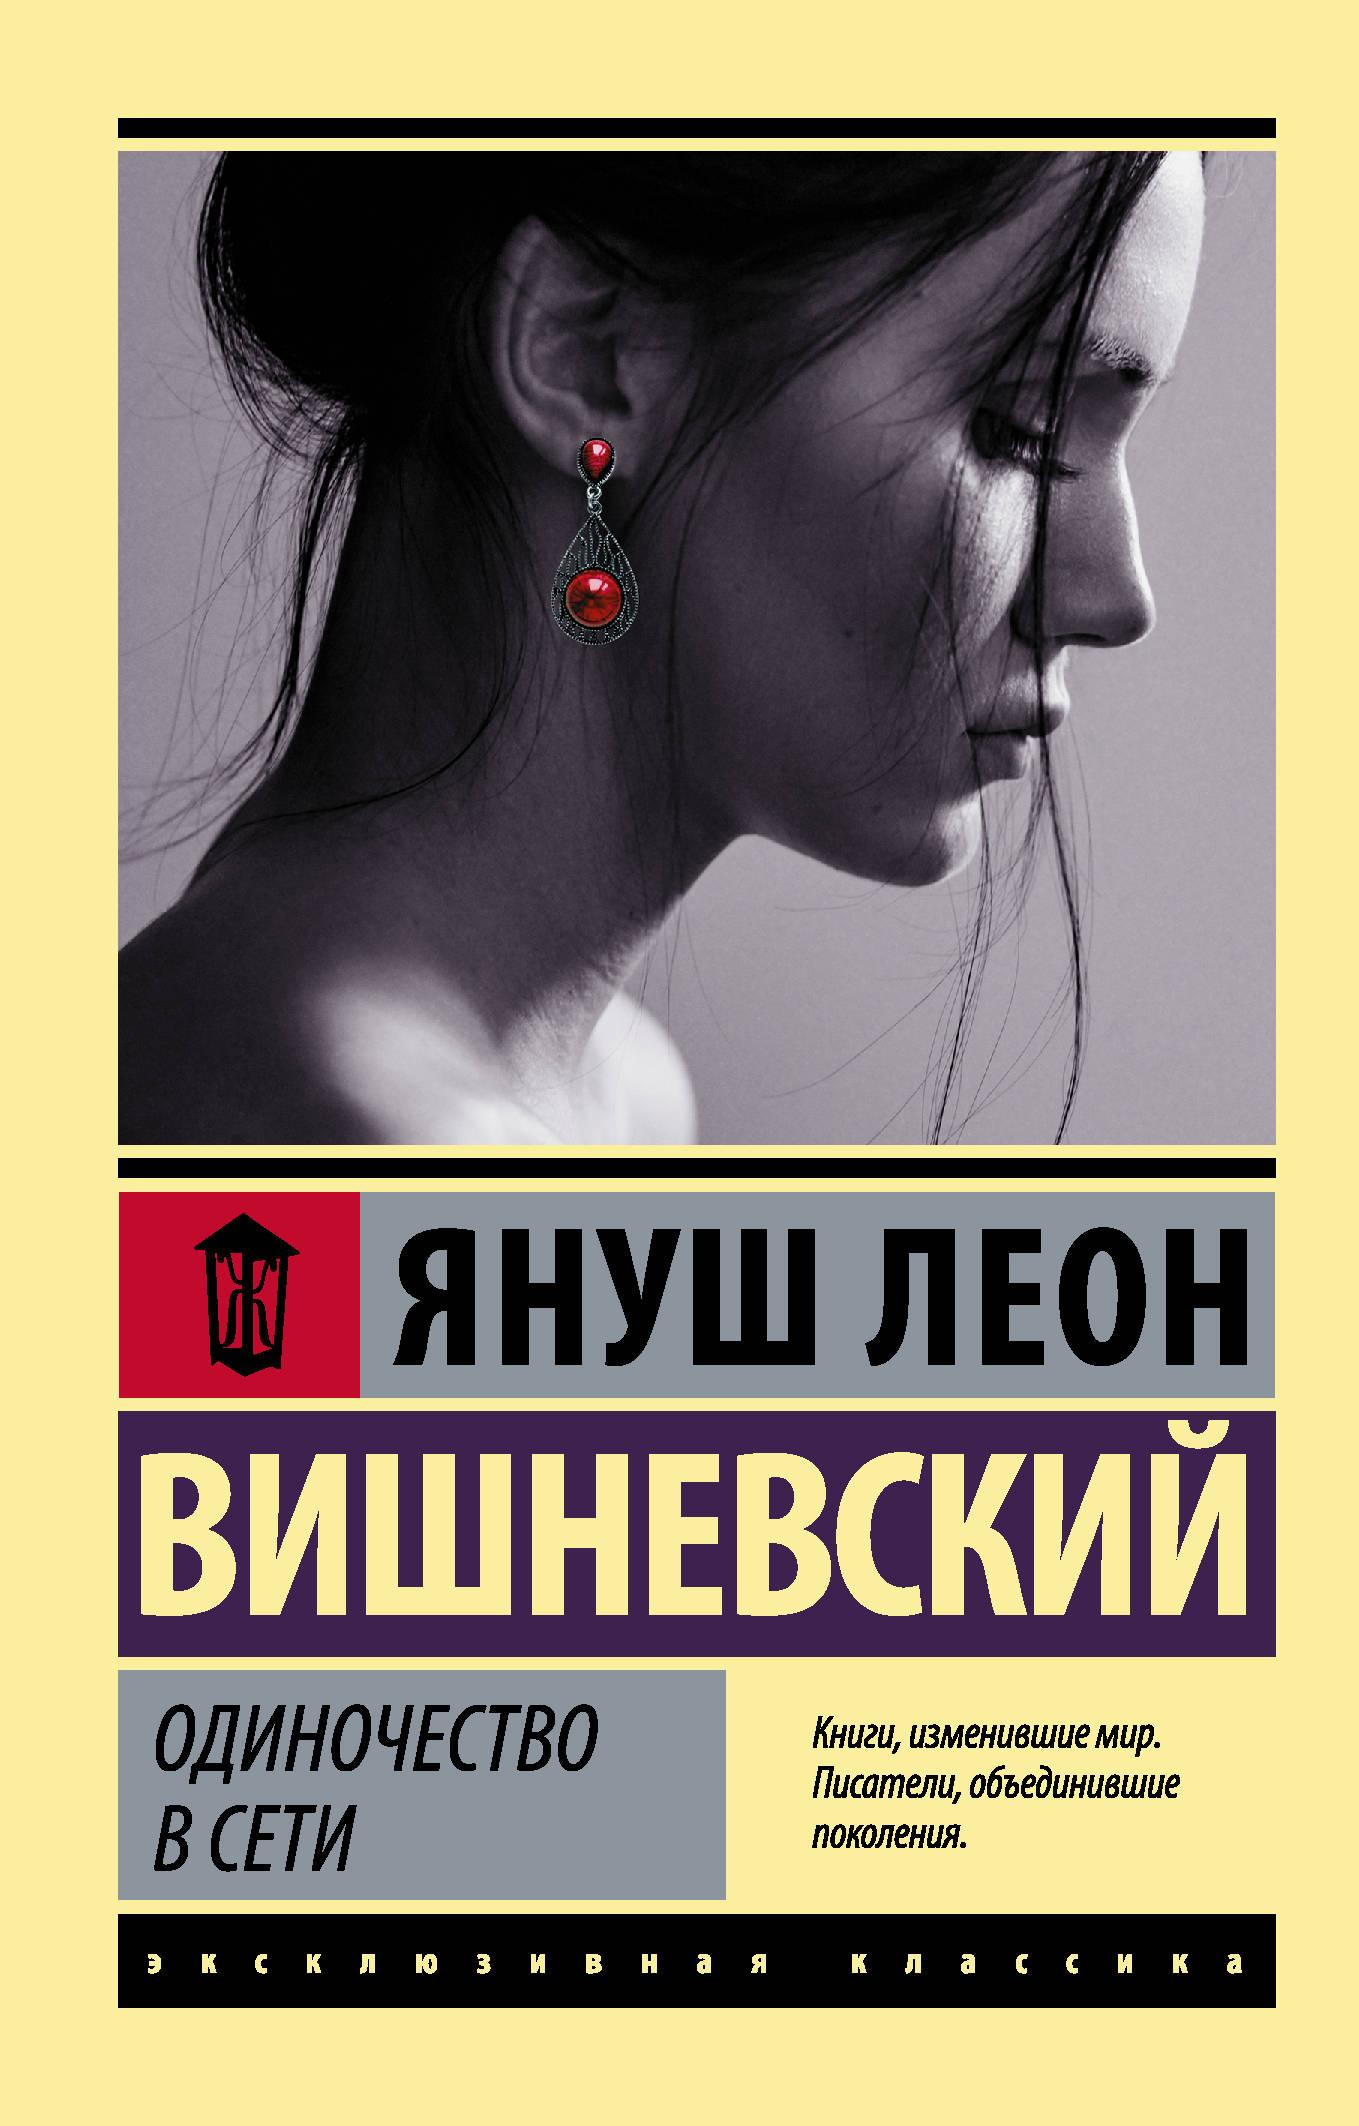 Януш Леон Вишневский Одиночество в Сети ISBN: 978-5-17-107017-5